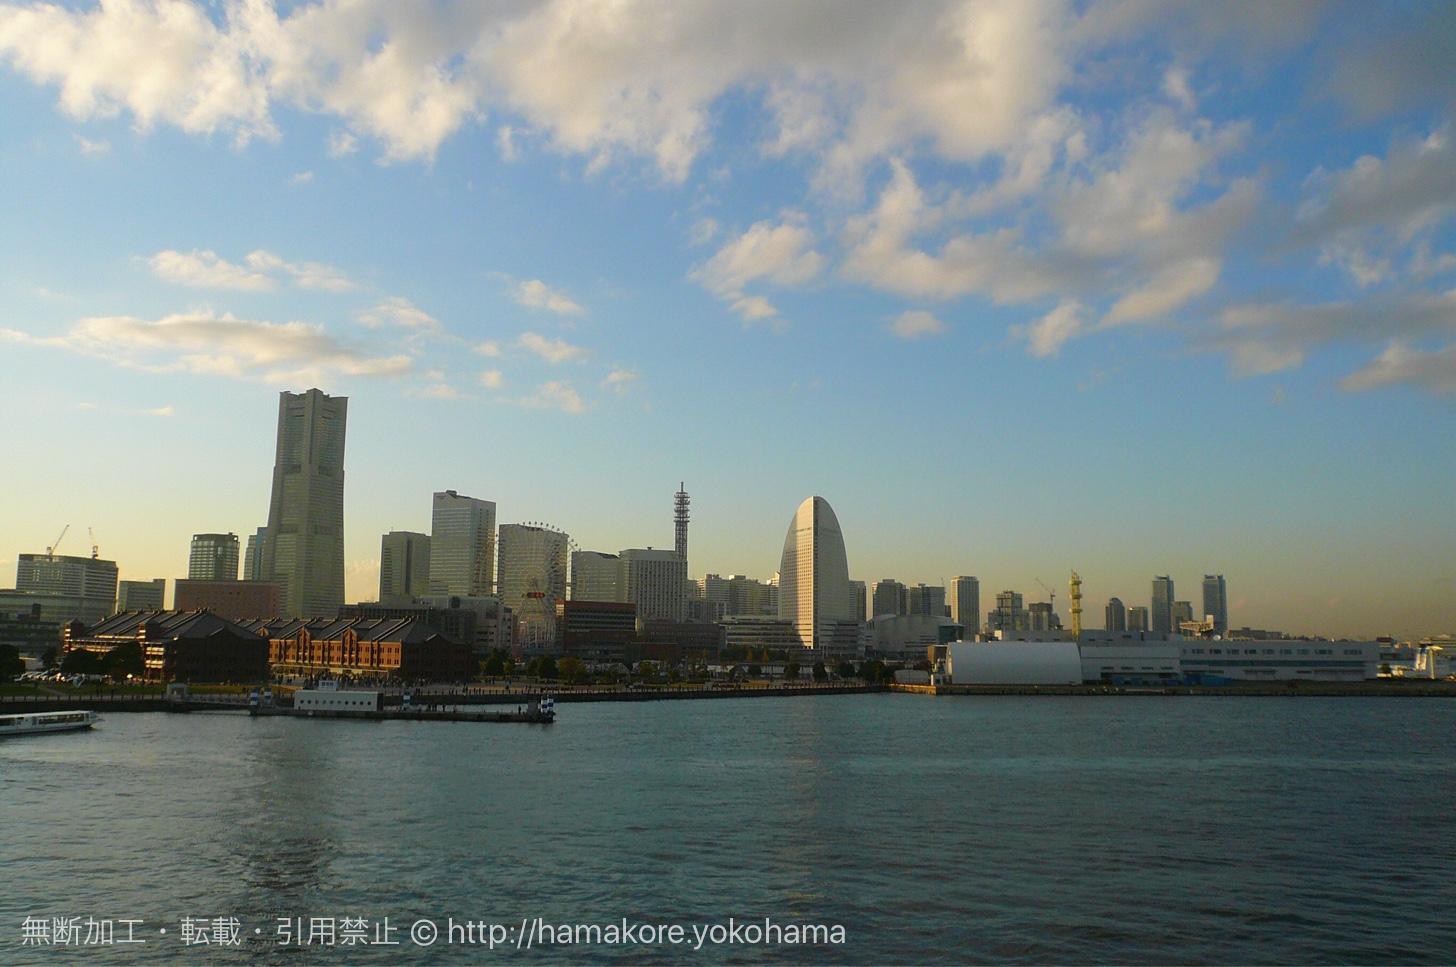 大さん橋から見た横浜みなとみらいの景色